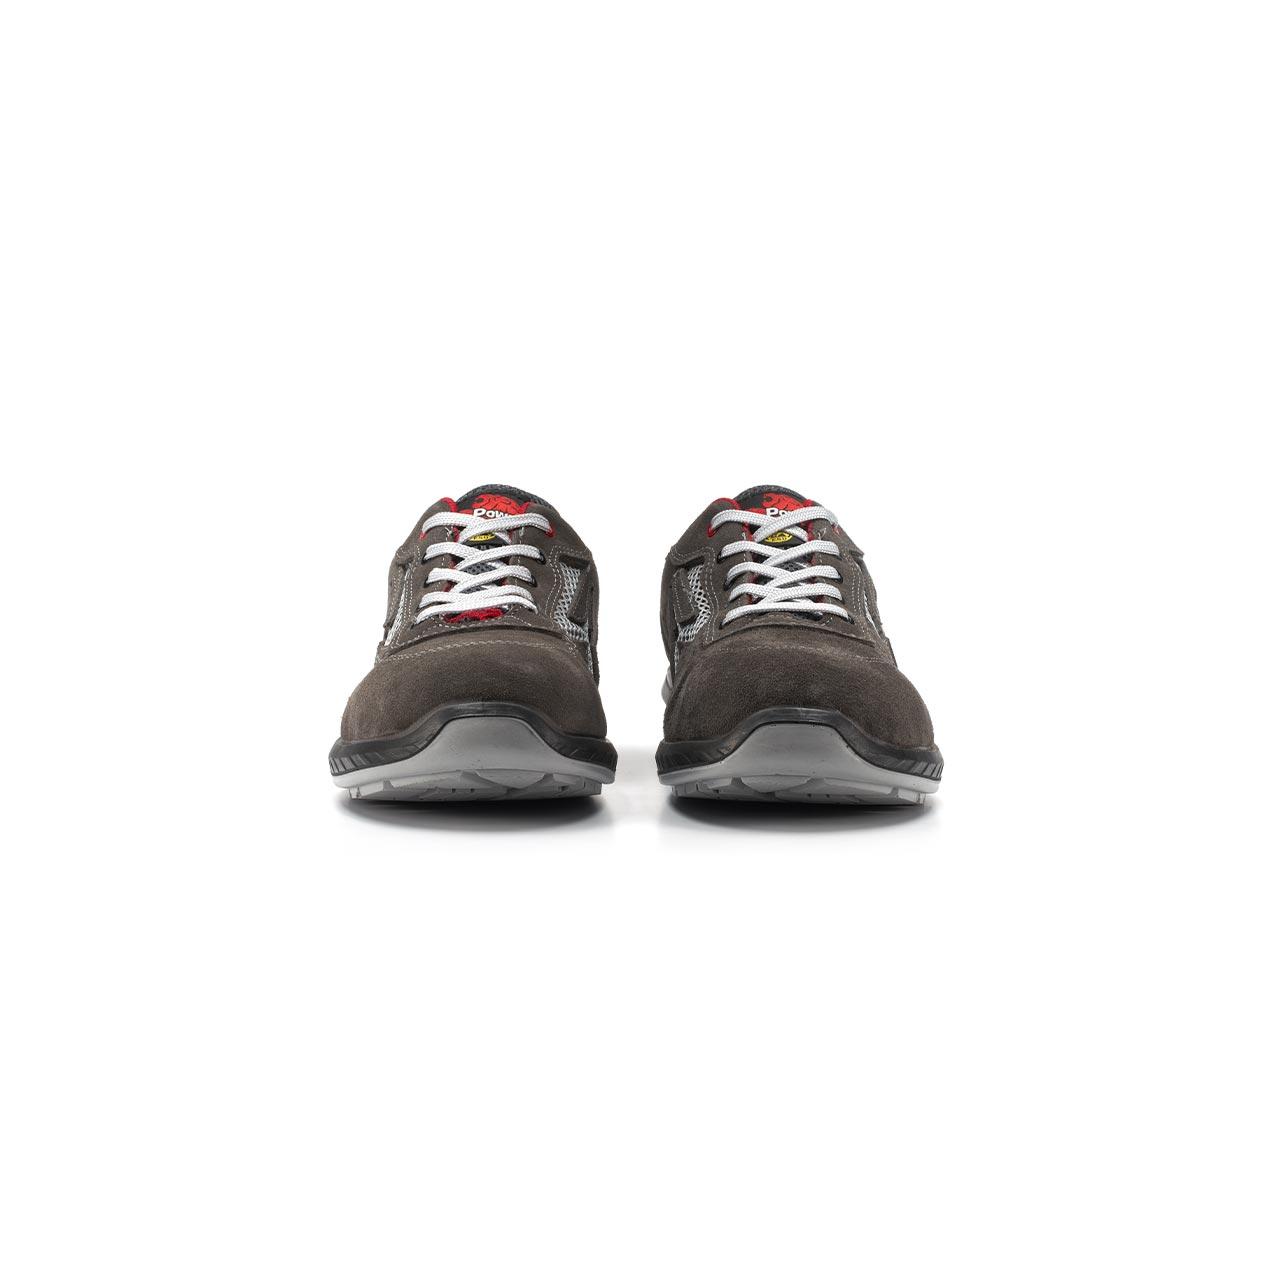 paio di scarpe antinfortunistiche upower modello radial linea redindustry vista frontale